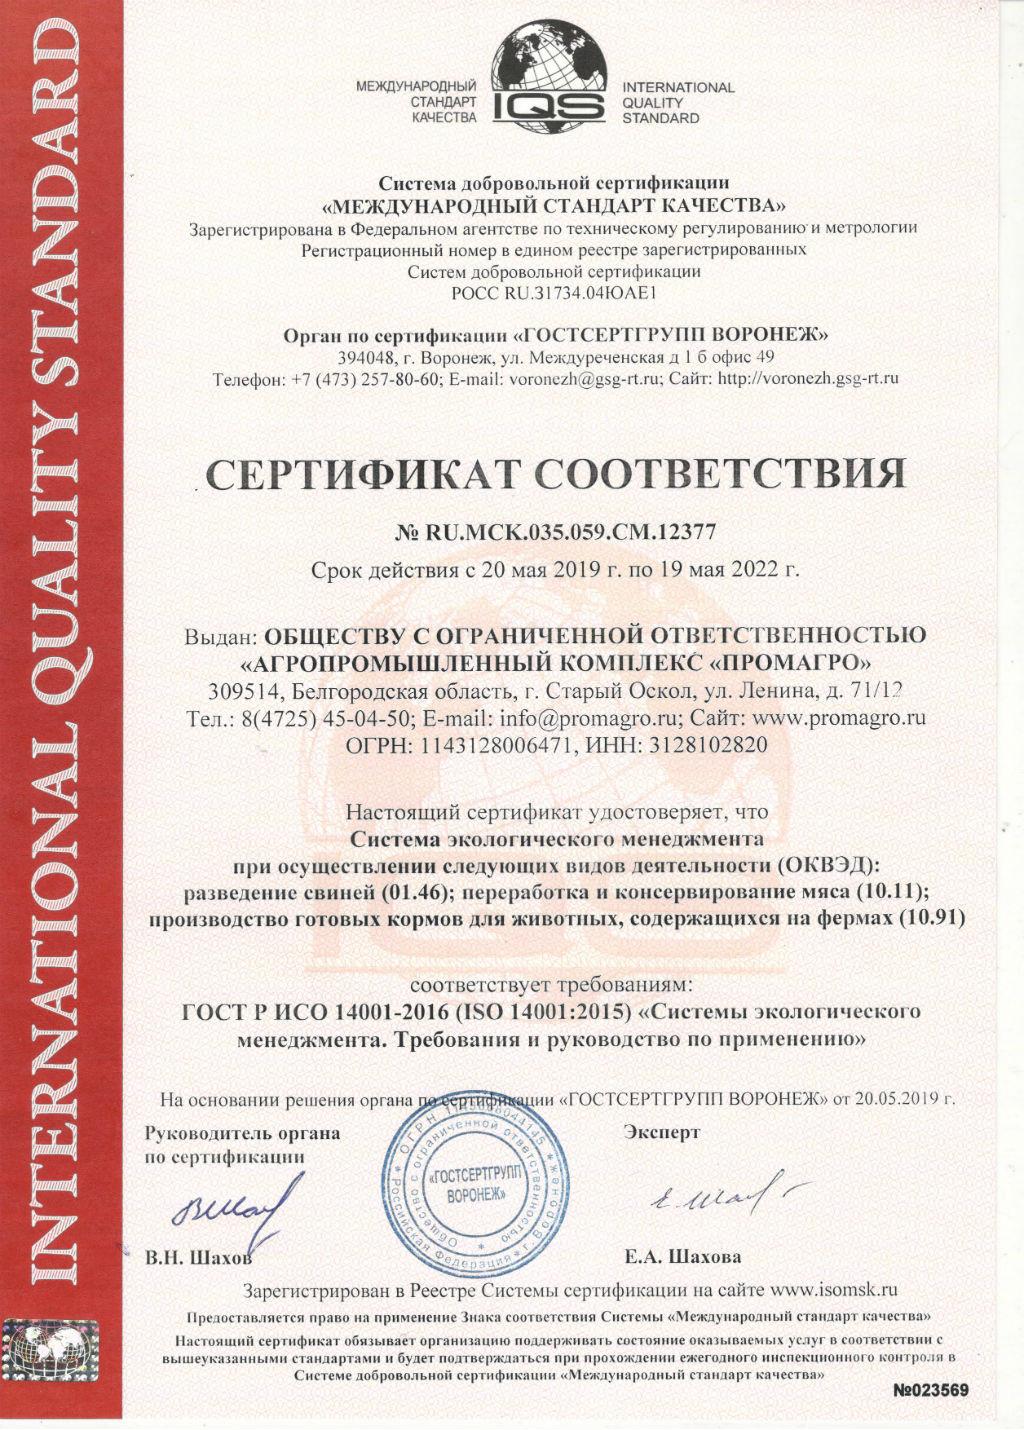 Сертификат АПХ «ПРОМАГРО» по экологической безопасности